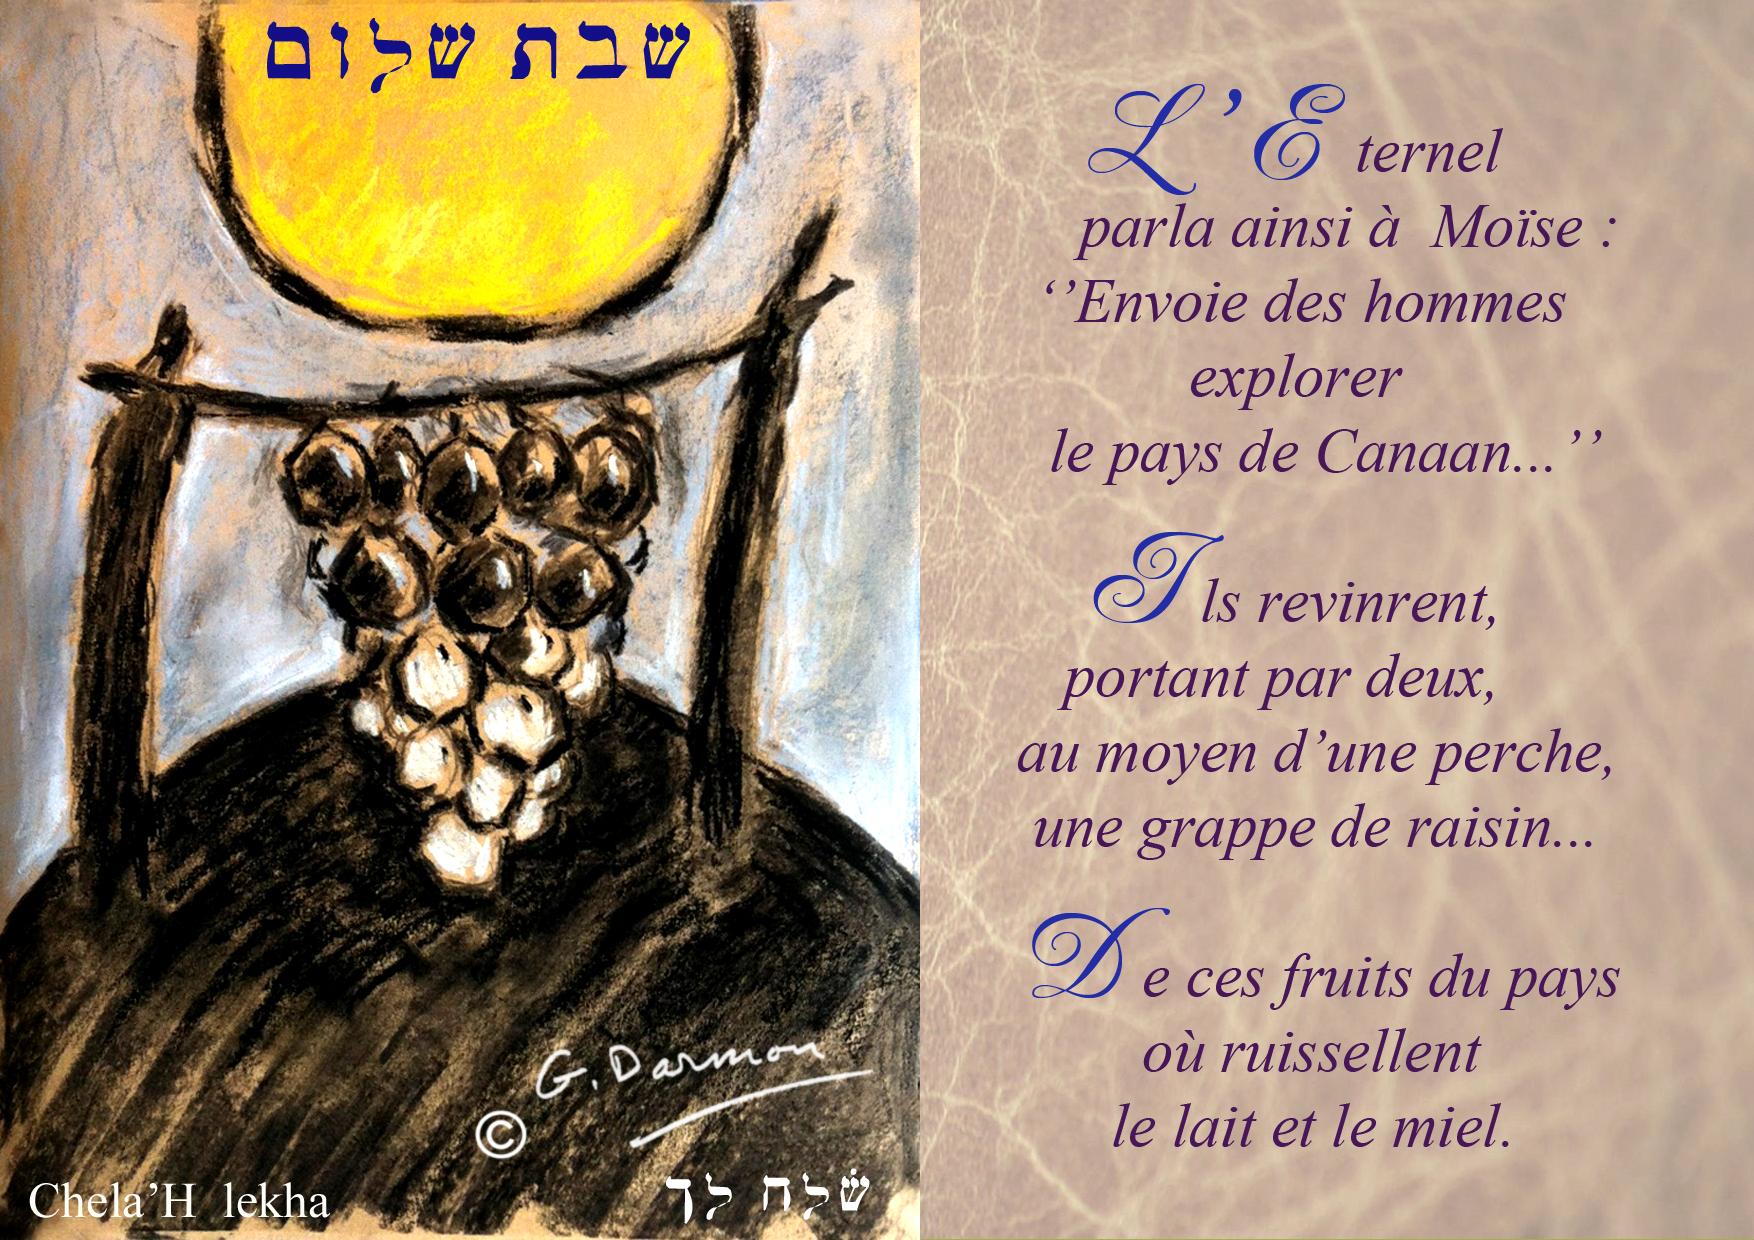 36-Chala-Hleha care dans Communauté spirituelle